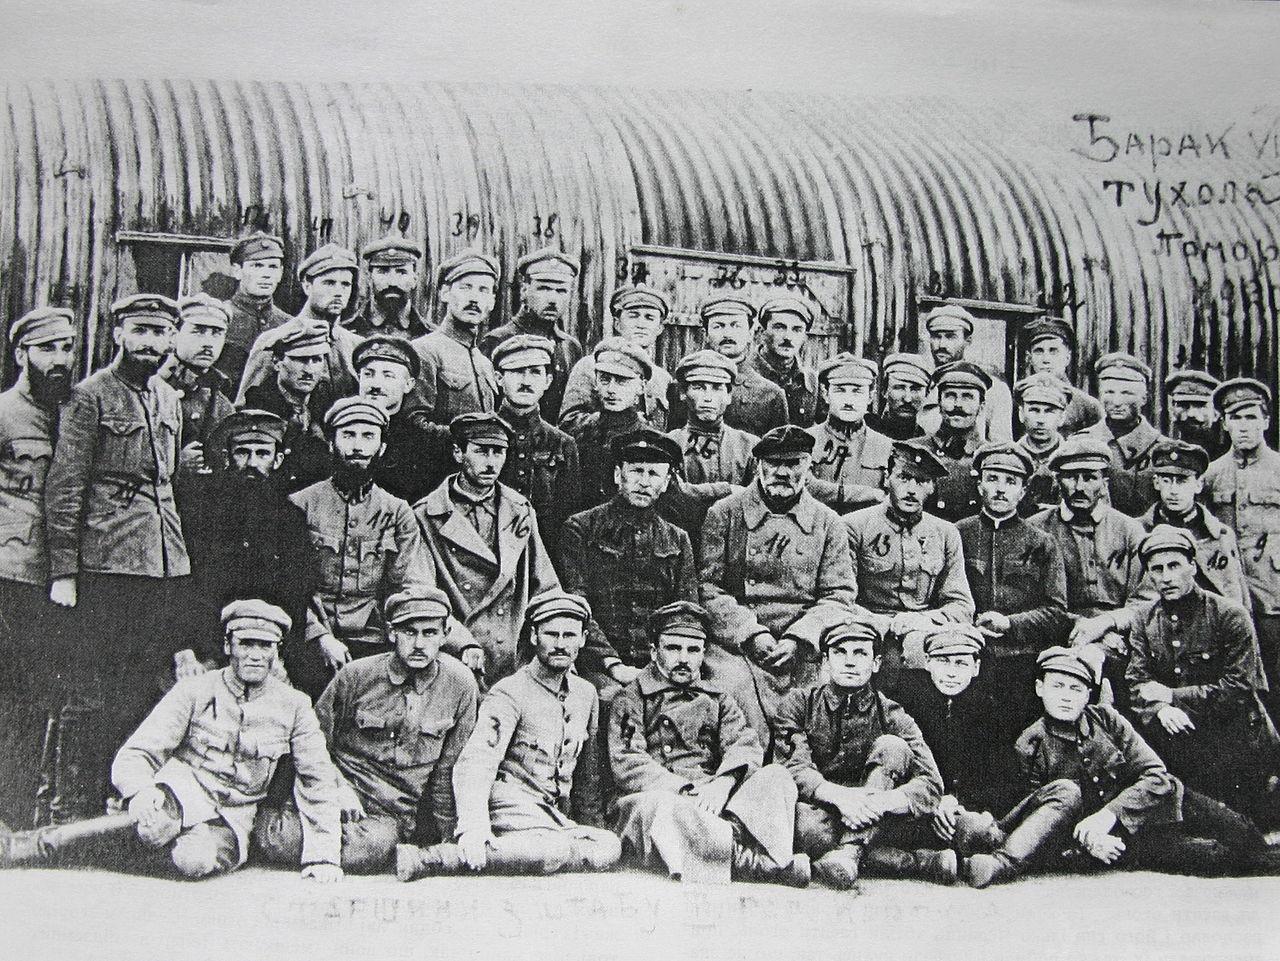 Старшины штаба III-го корпуса УГА в лагере военнопленных в г. Тухоля, Польша, 1920 г. В центре сидят: 13 - атаман Вильгельм Лобковец, 14 - генерал Мирон Тарнавский, 15 - сотник Петр Биґус